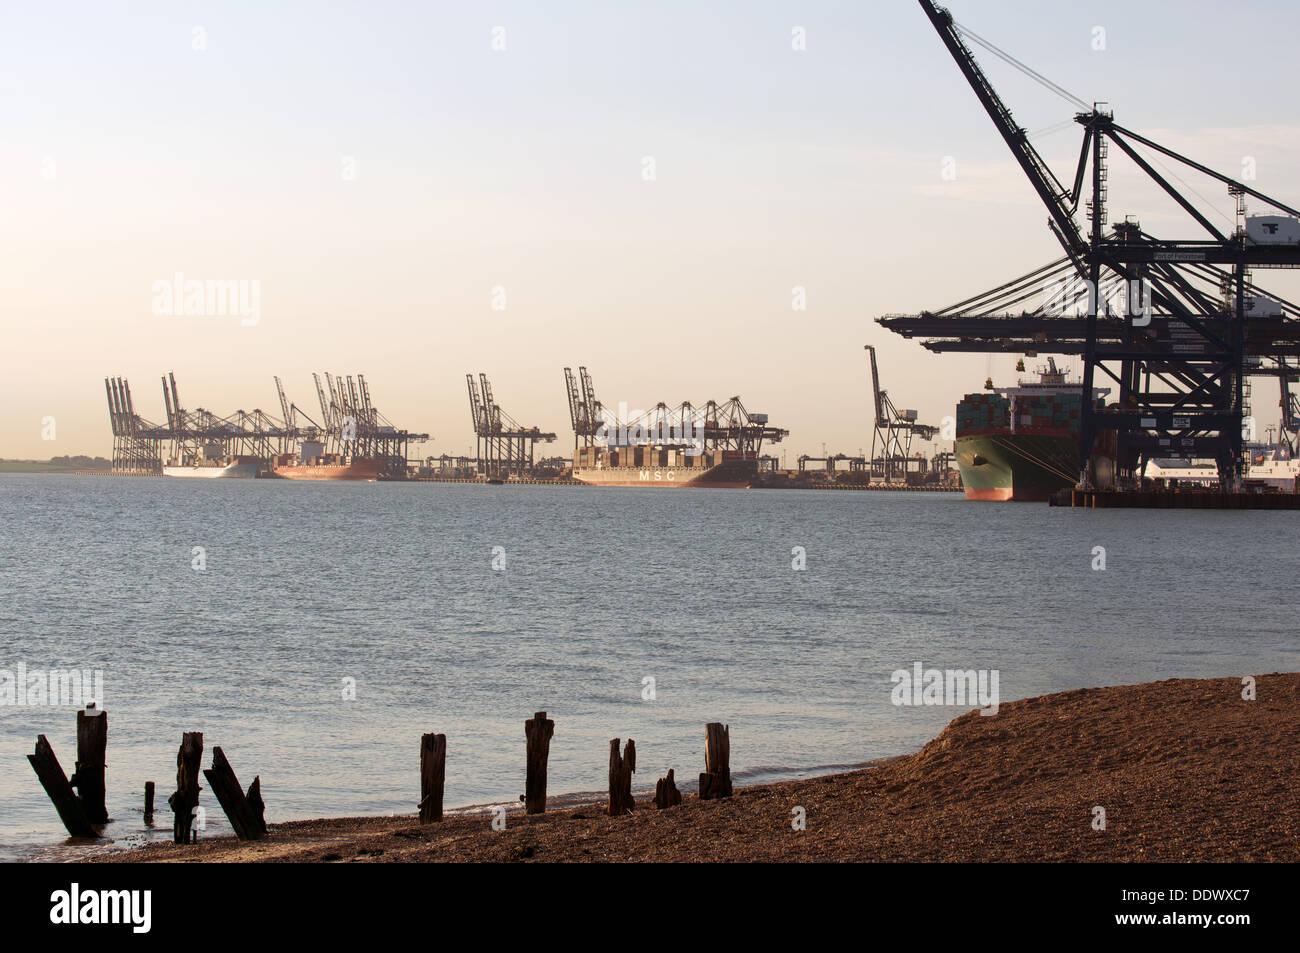 Port of Felixstowe Suffolk UK - Stock Image